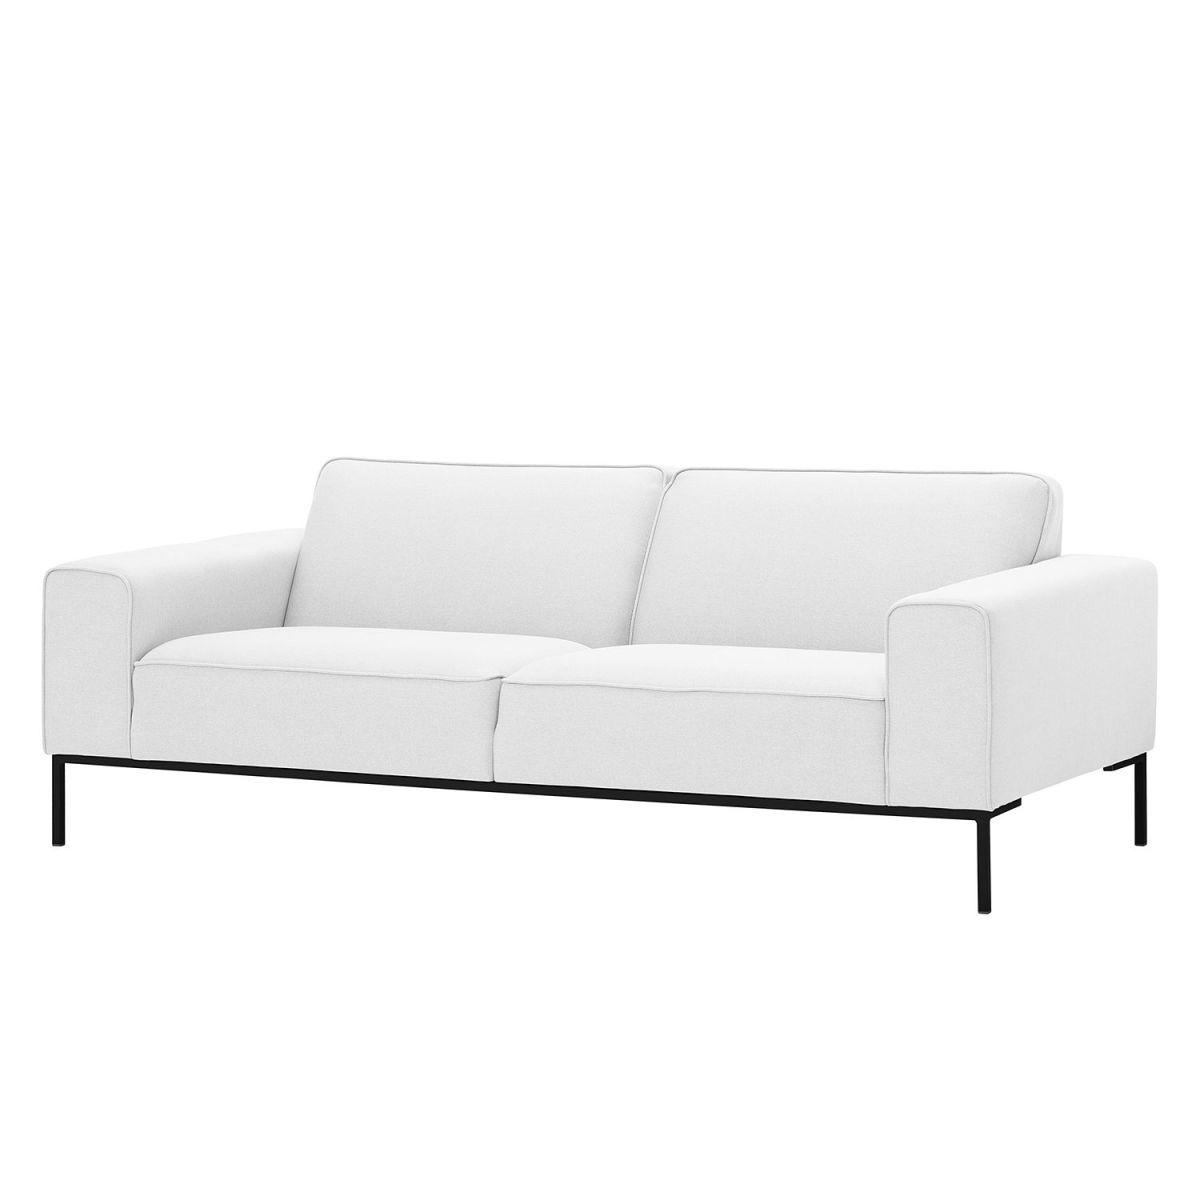 Sofa Ampio (3-Sitzer) Webstoff - Schwarz - Stoff Floreana Weiß Jetzt ...